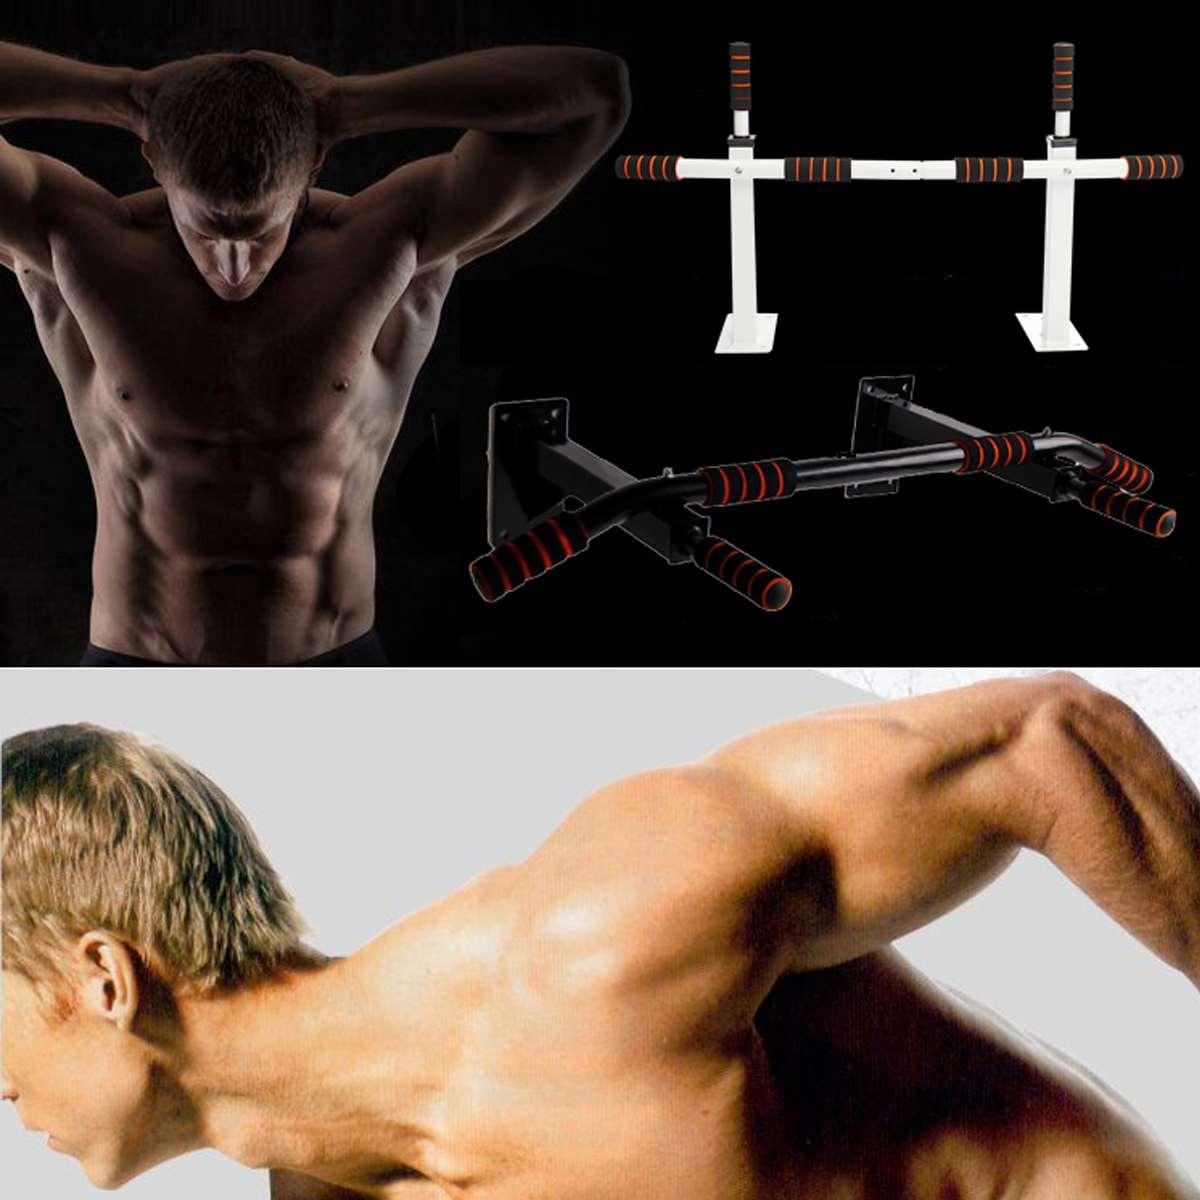 2019 nouveau corps Fitness exercice à la maison Gym gymnastique entraînement porte d'entraînement barre de traction Push Chin Up itness équipement